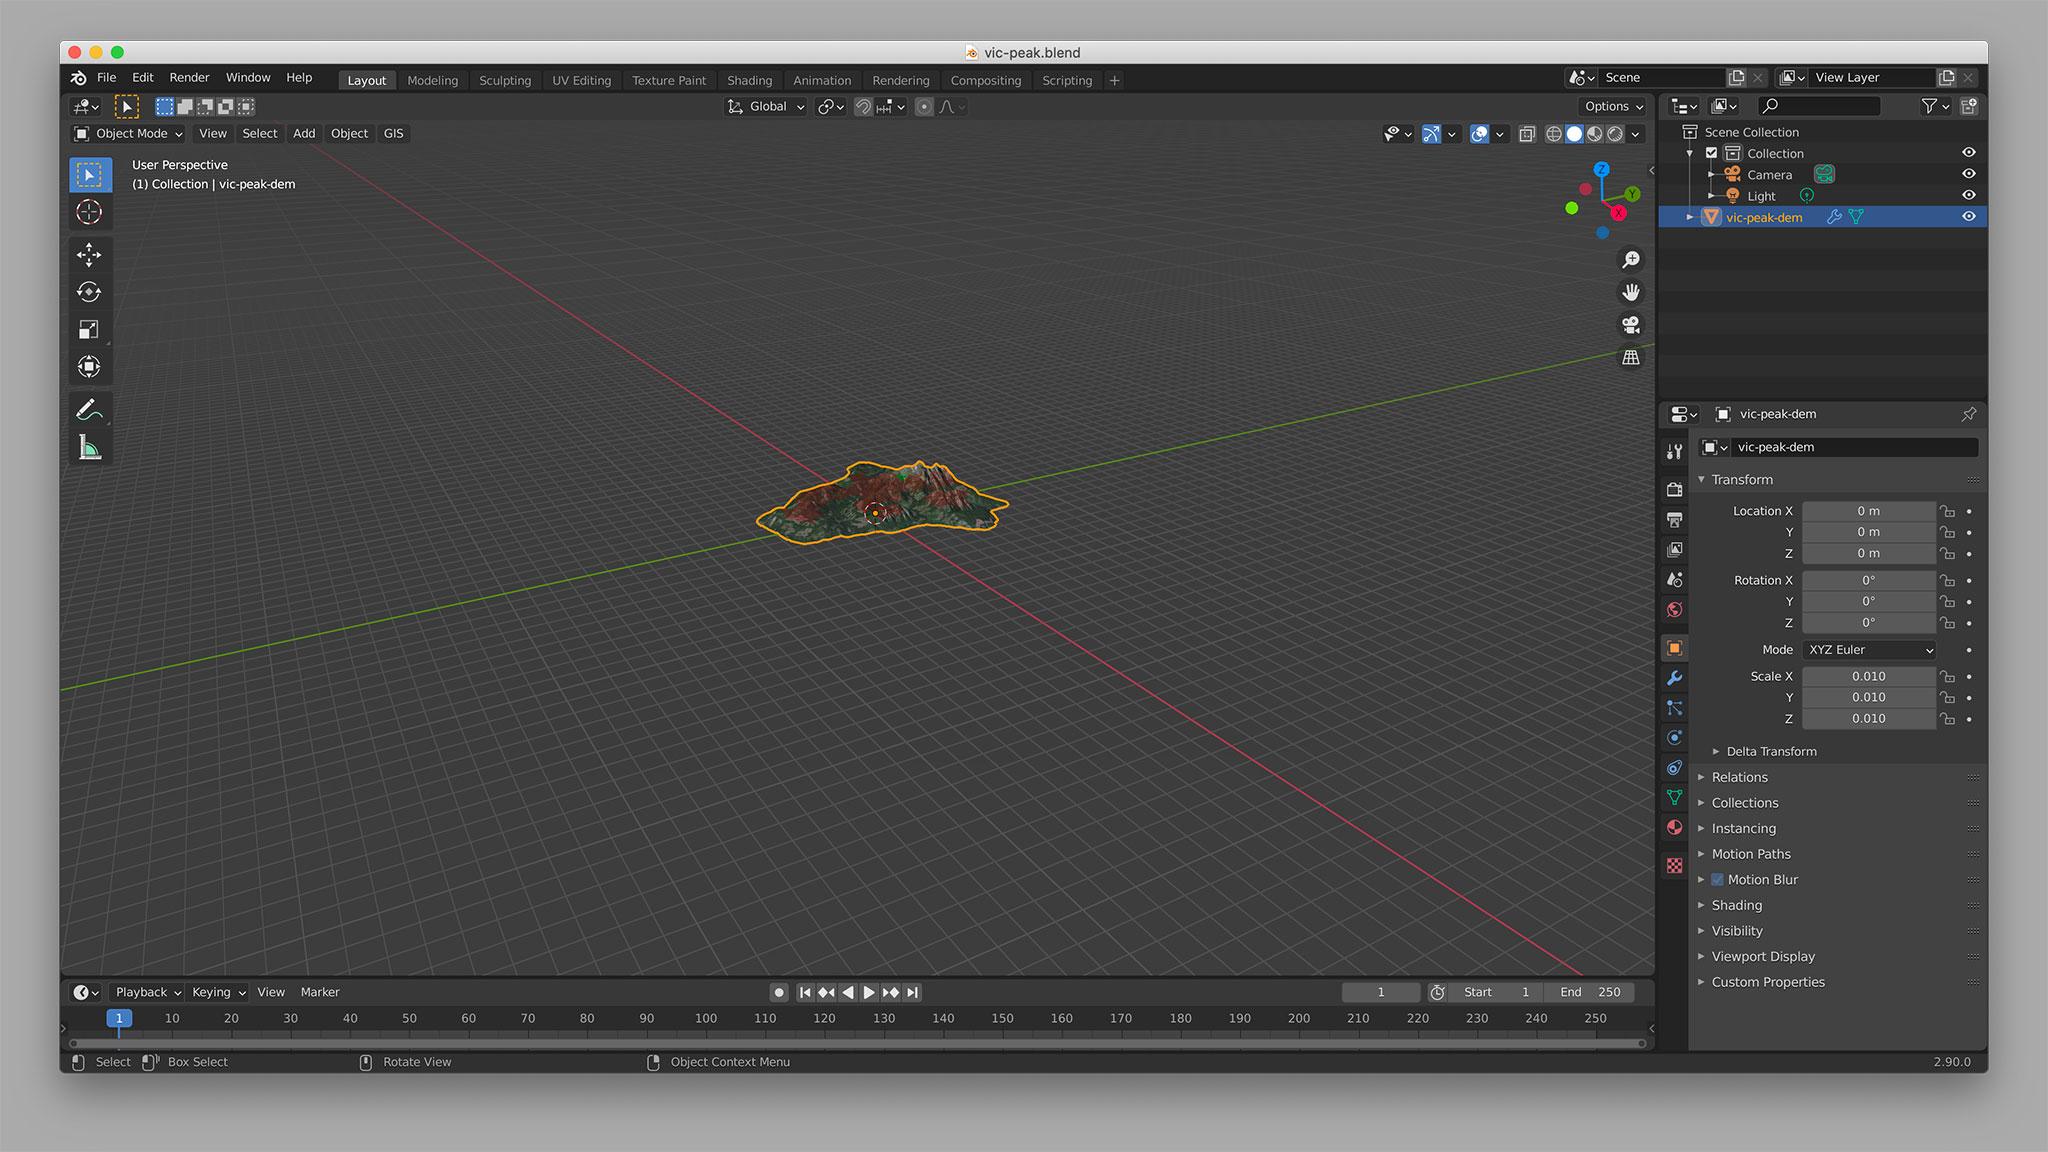 Scaling the model in Blender